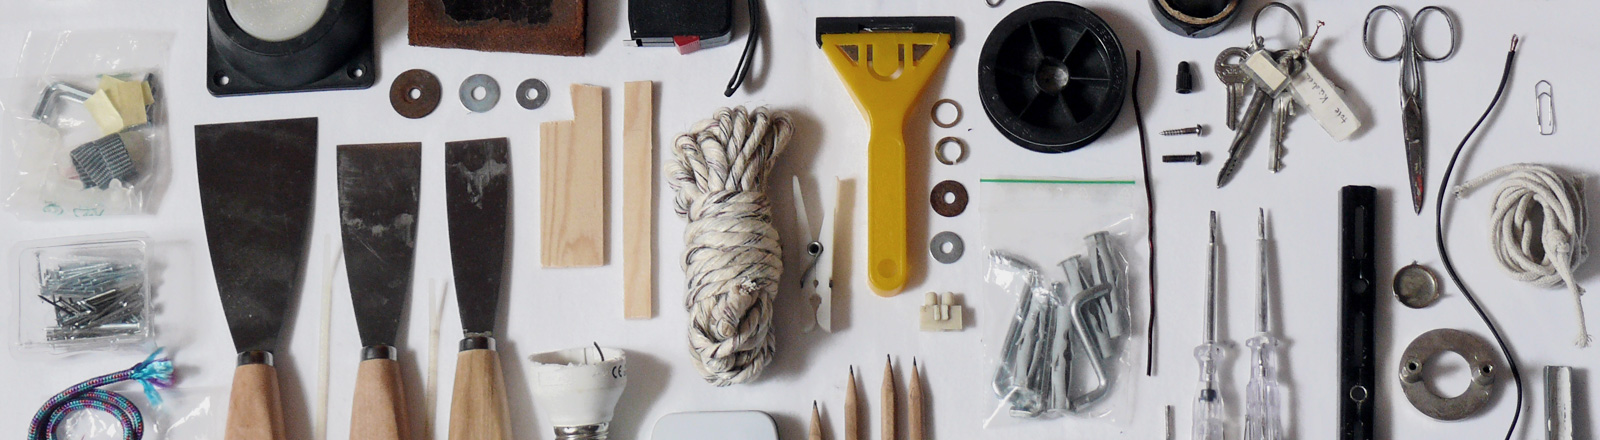 Blick auf Werkzeuge, die nebeneinander liegen. Seil, Schraubenzieher, Dübel, Nägel und anderes.